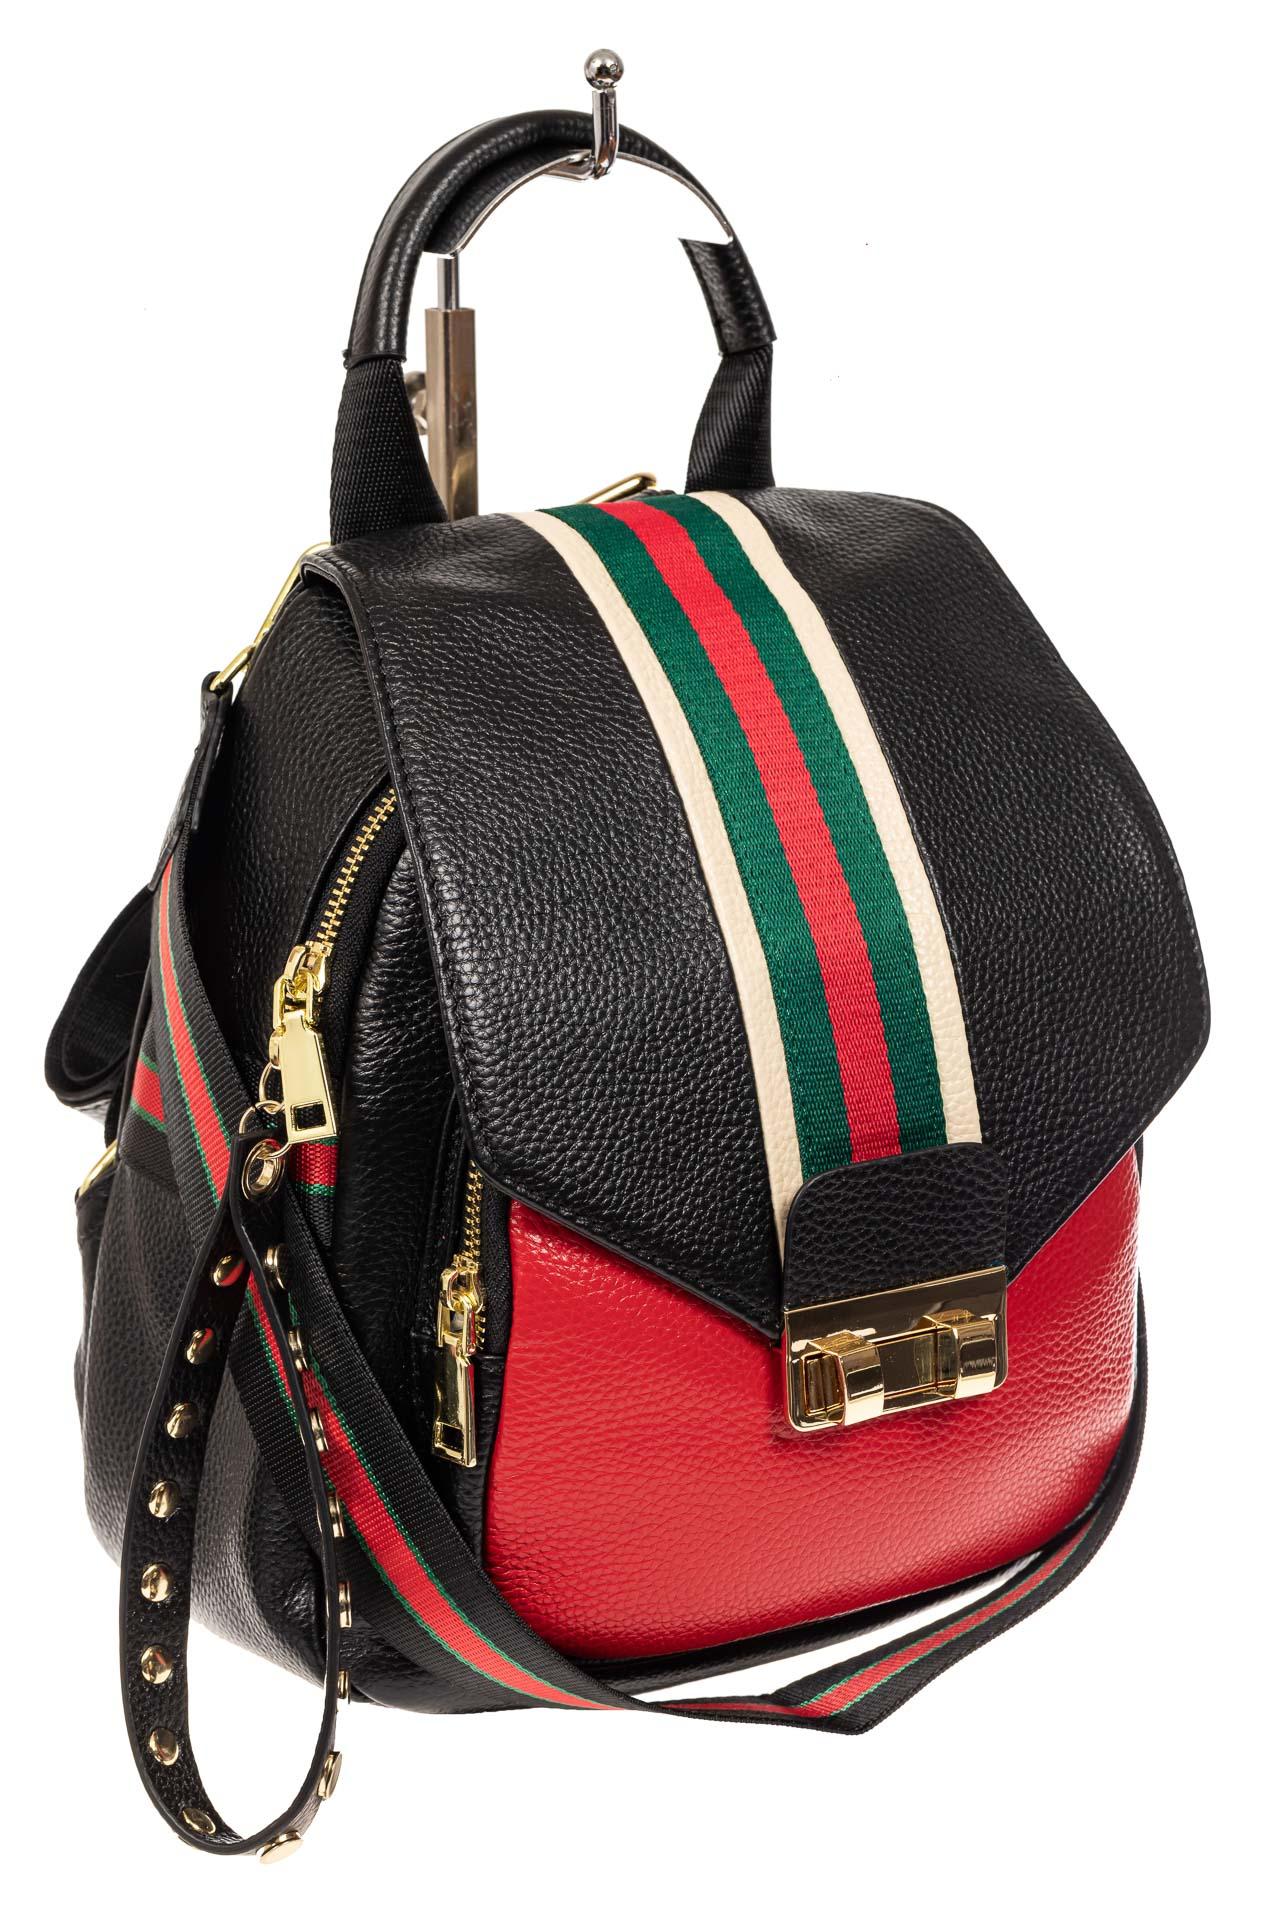 Женский рюкзак трансформер из натуральной кожи, цвет черный с краснымA102NK0520/3